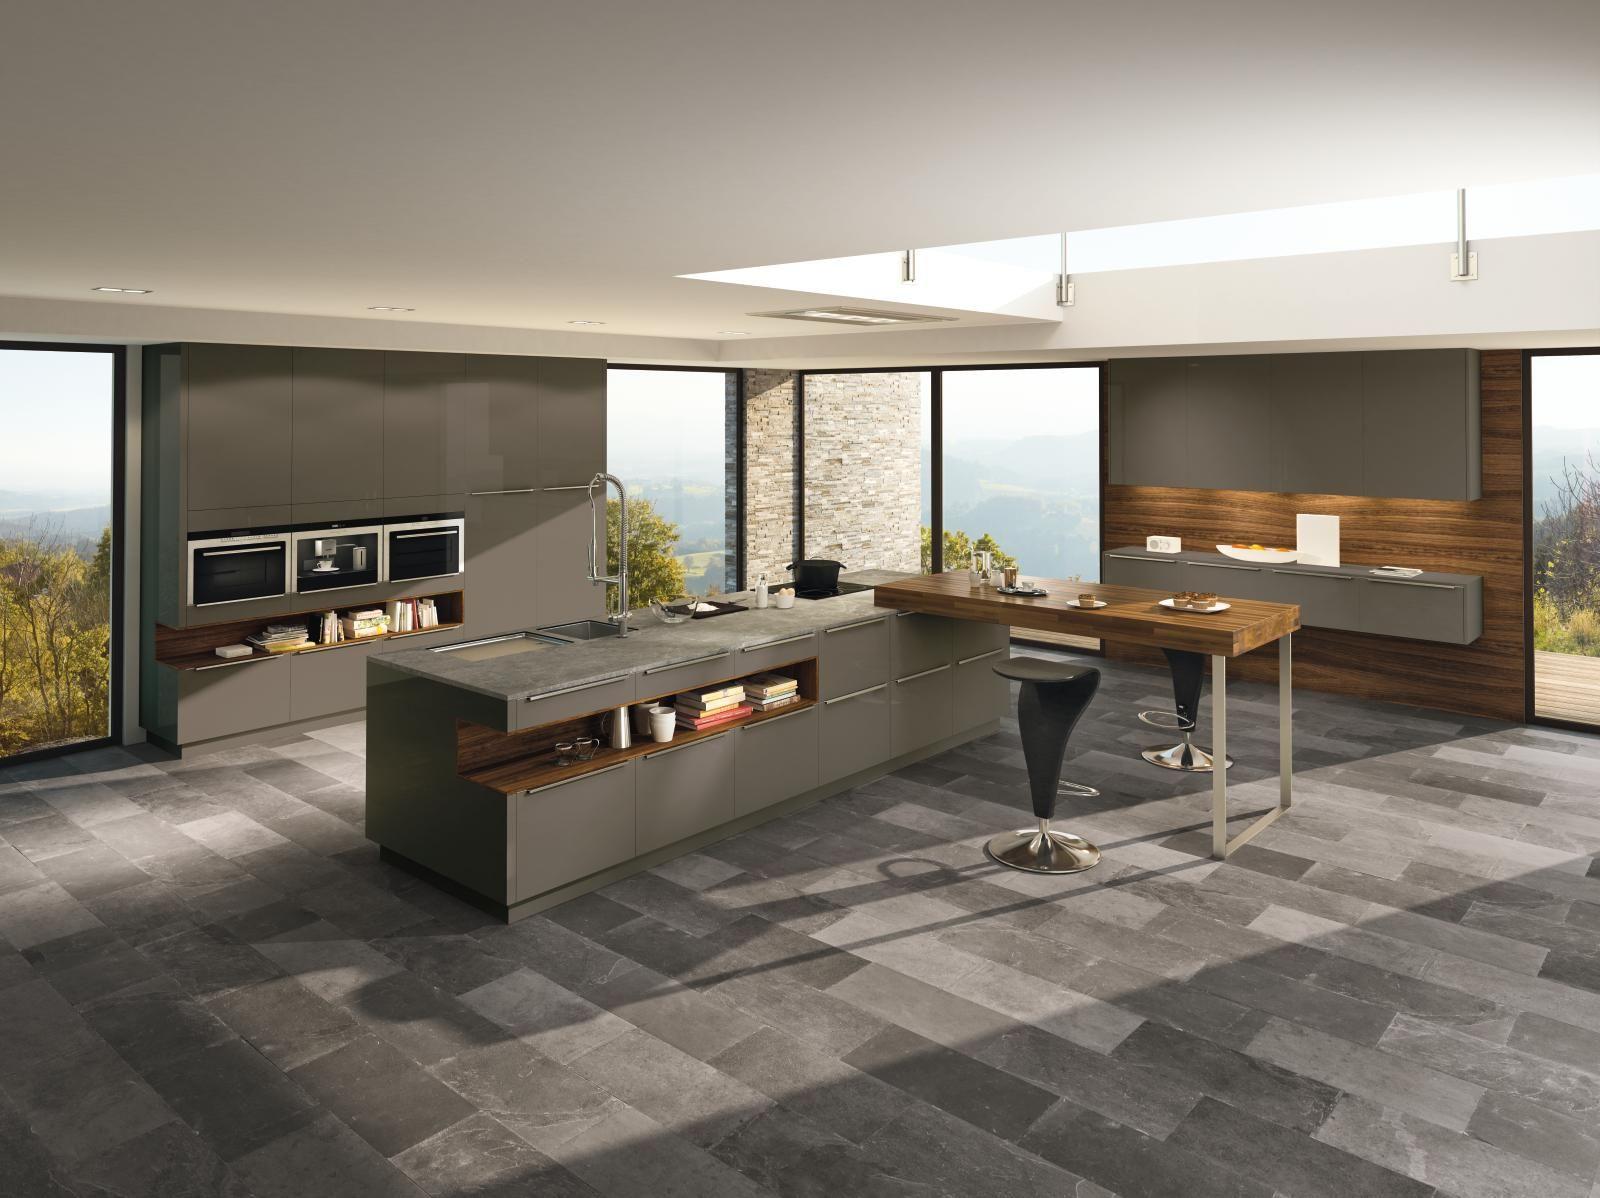 moderne k chen von ewe sch ne k chenplanungen pinterest moderne k che kuchen und kochinsel. Black Bedroom Furniture Sets. Home Design Ideas